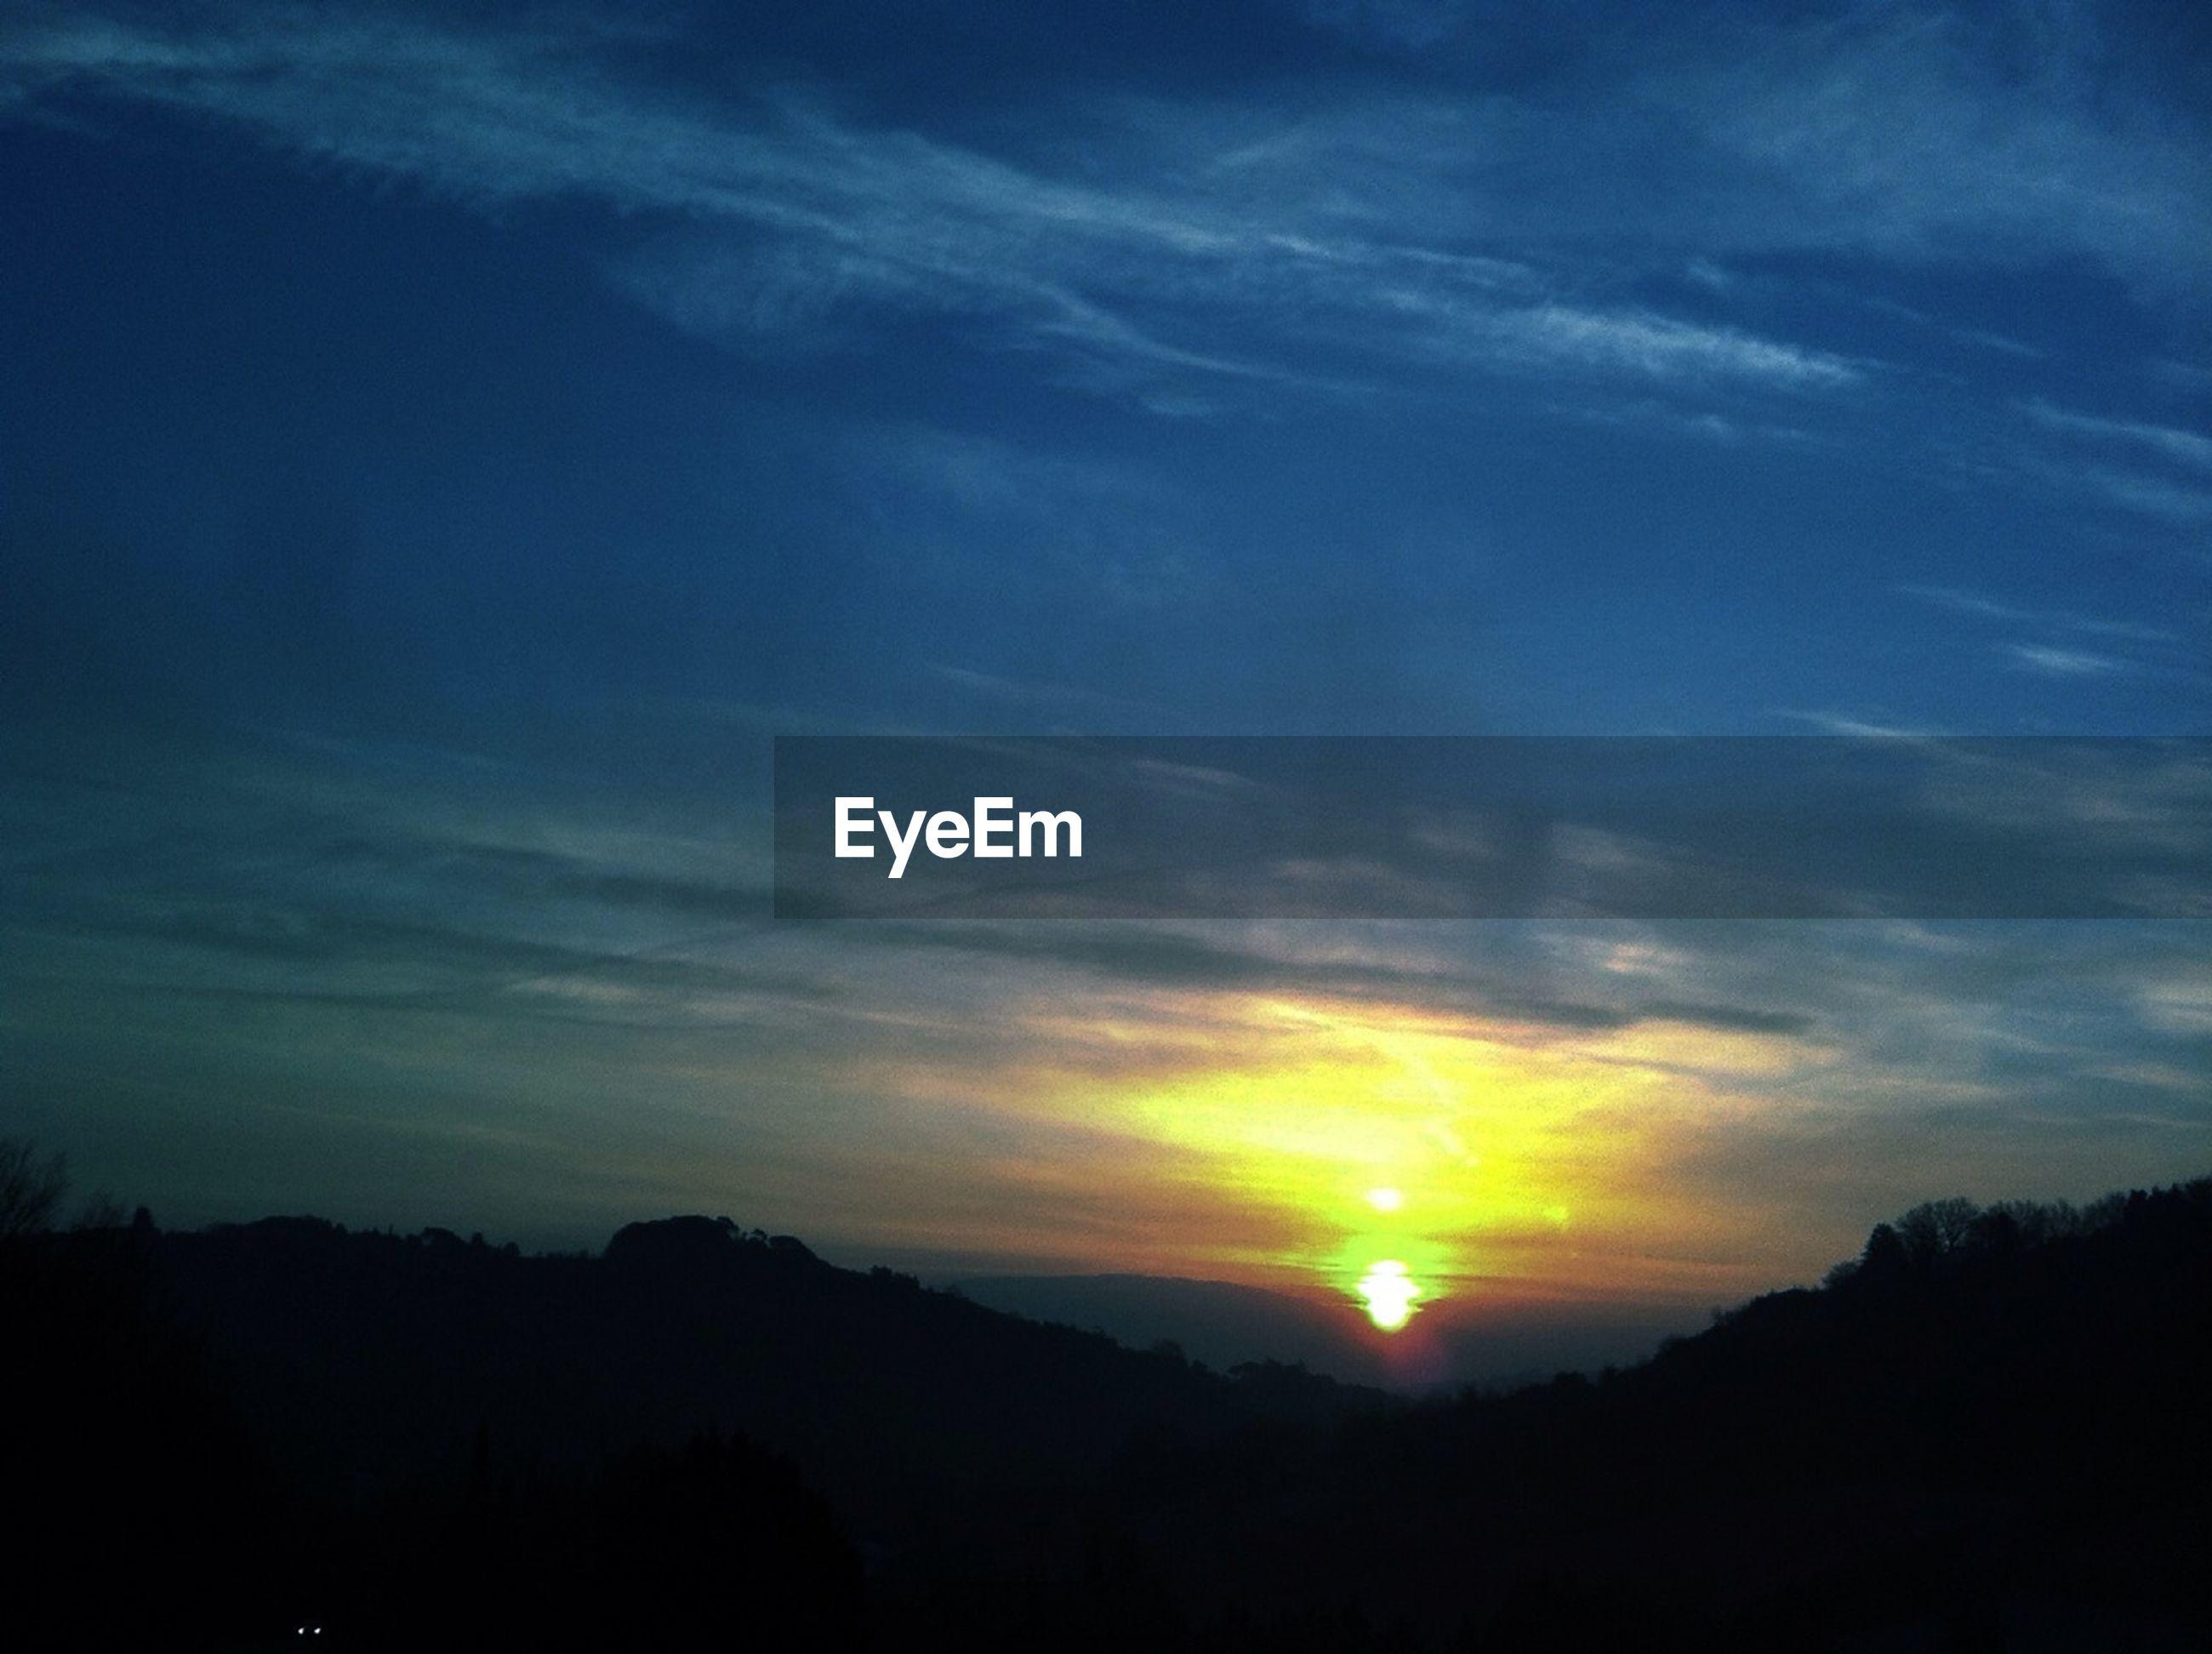 sunset, silhouette, scenics, tranquil scene, sky, beauty in nature, tranquility, sun, idyllic, cloud - sky, orange color, nature, sunlight, cloud, landscape, tree, outdoors, mountain, sunbeam, majestic